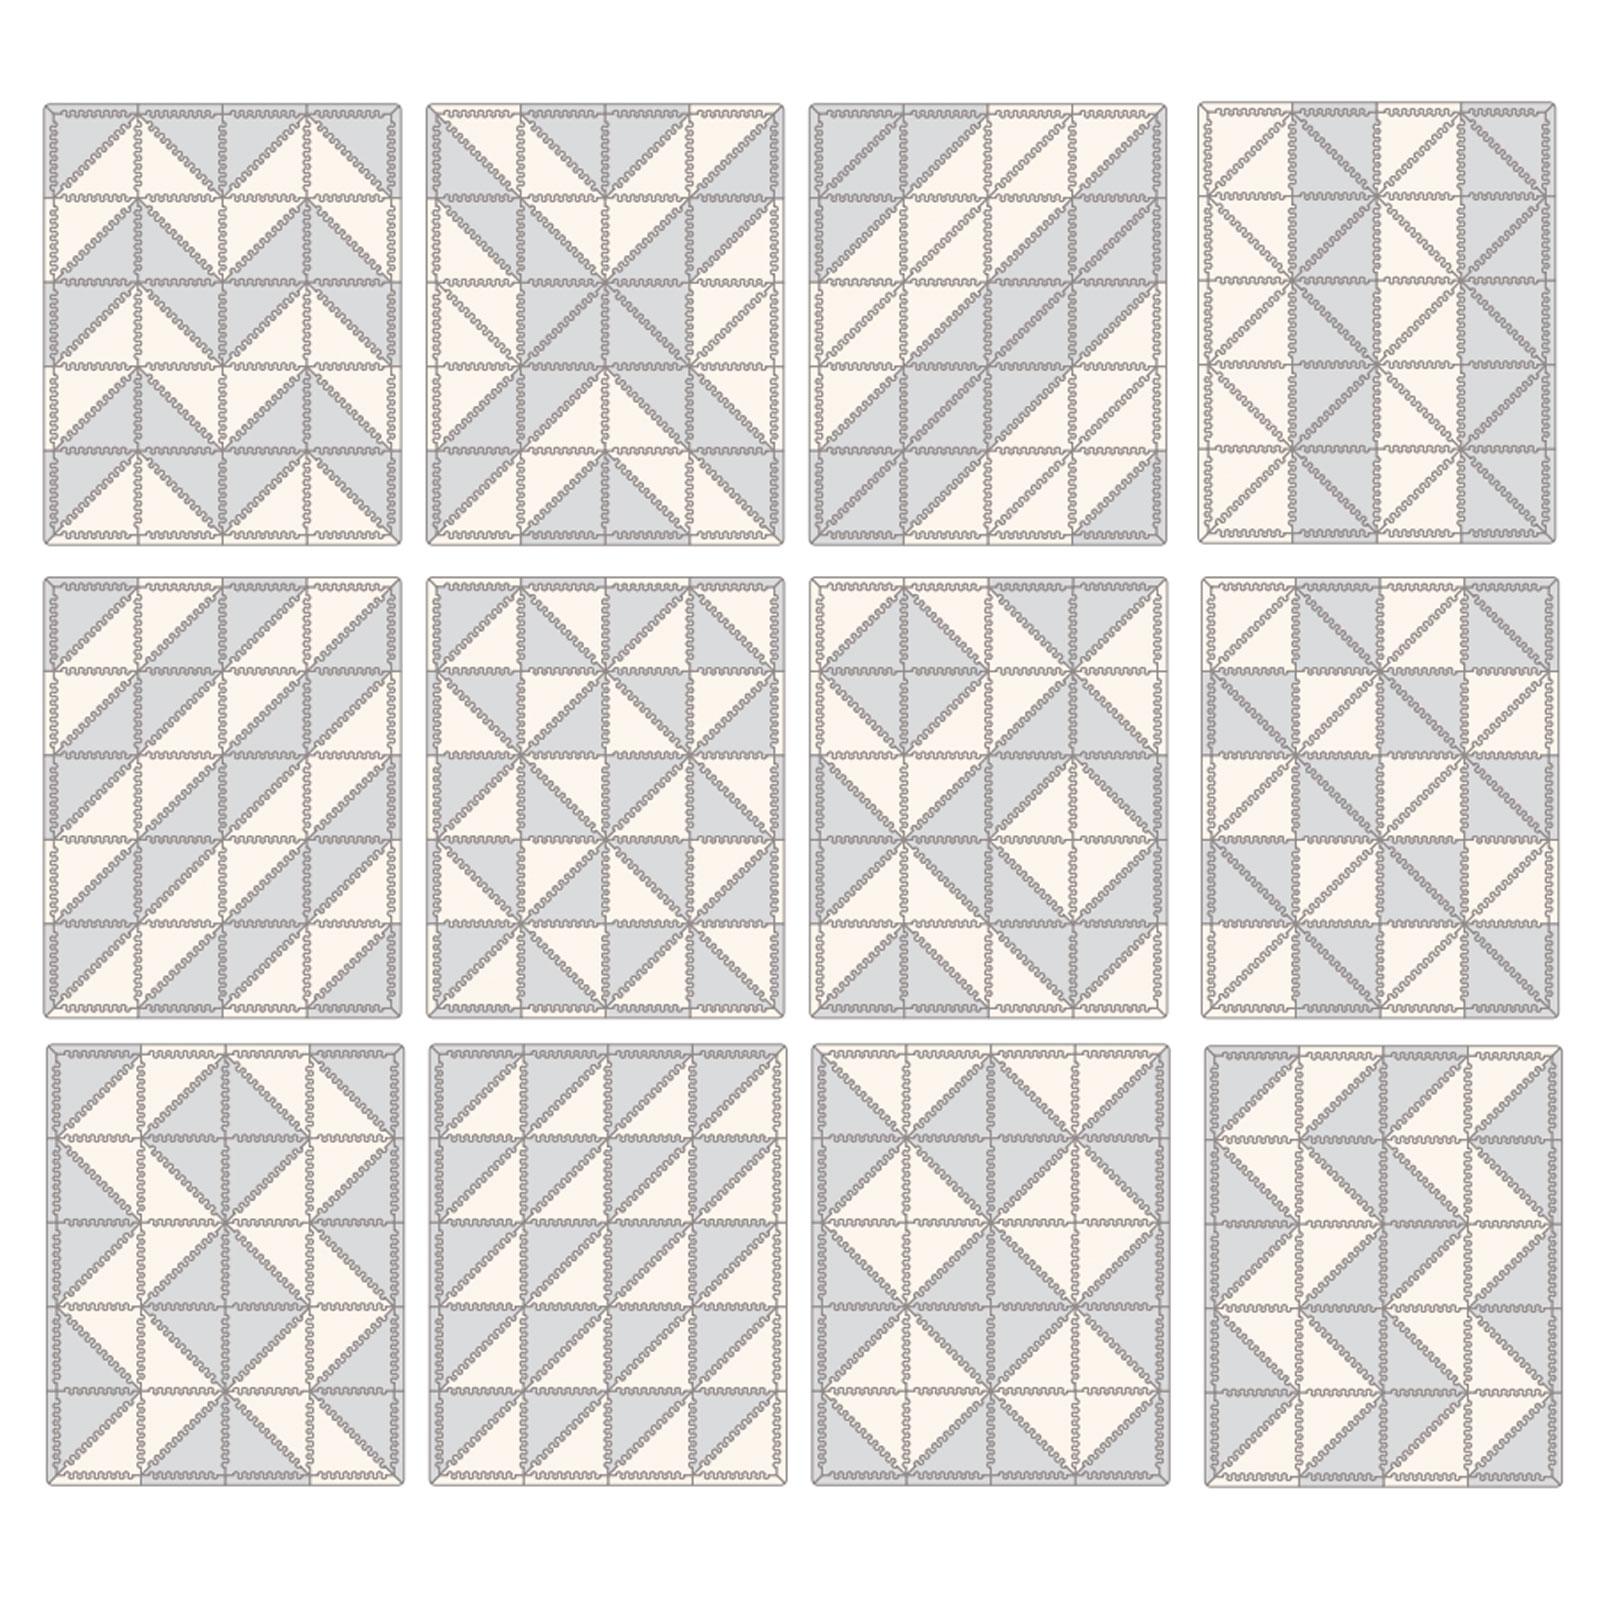 geo-skip-hop-foam-tile-playmat-patterns.jpg